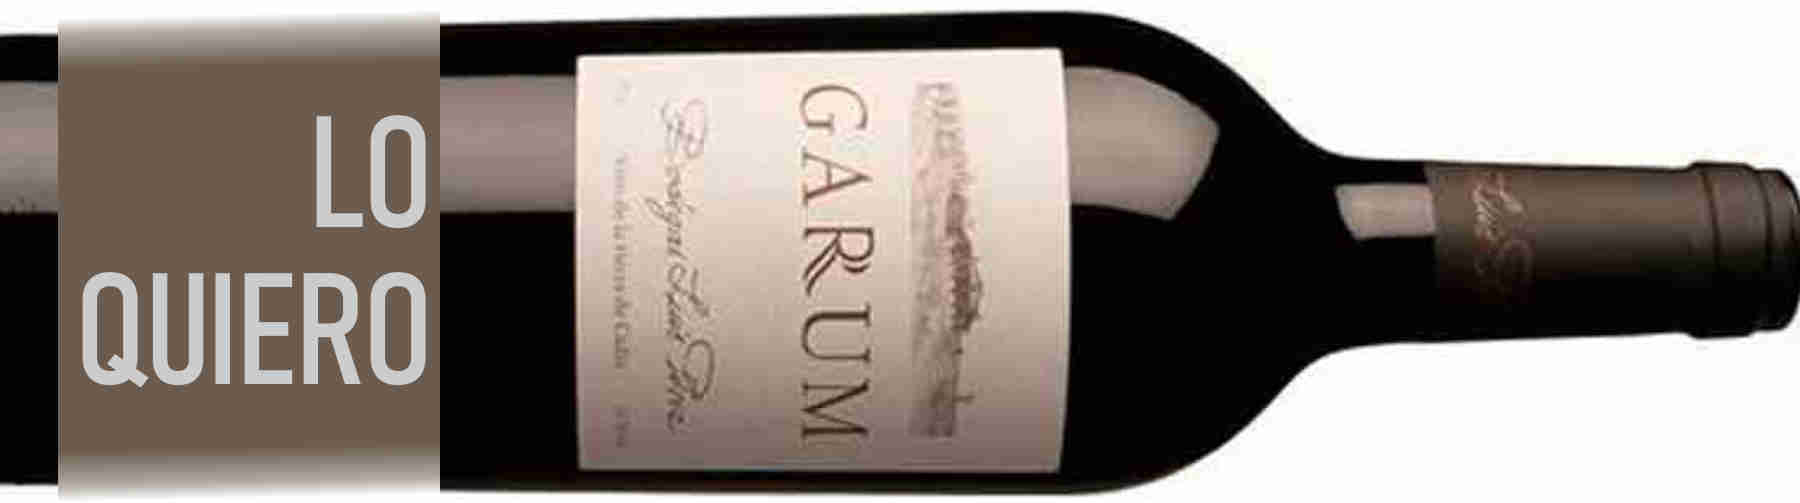 Garum vino